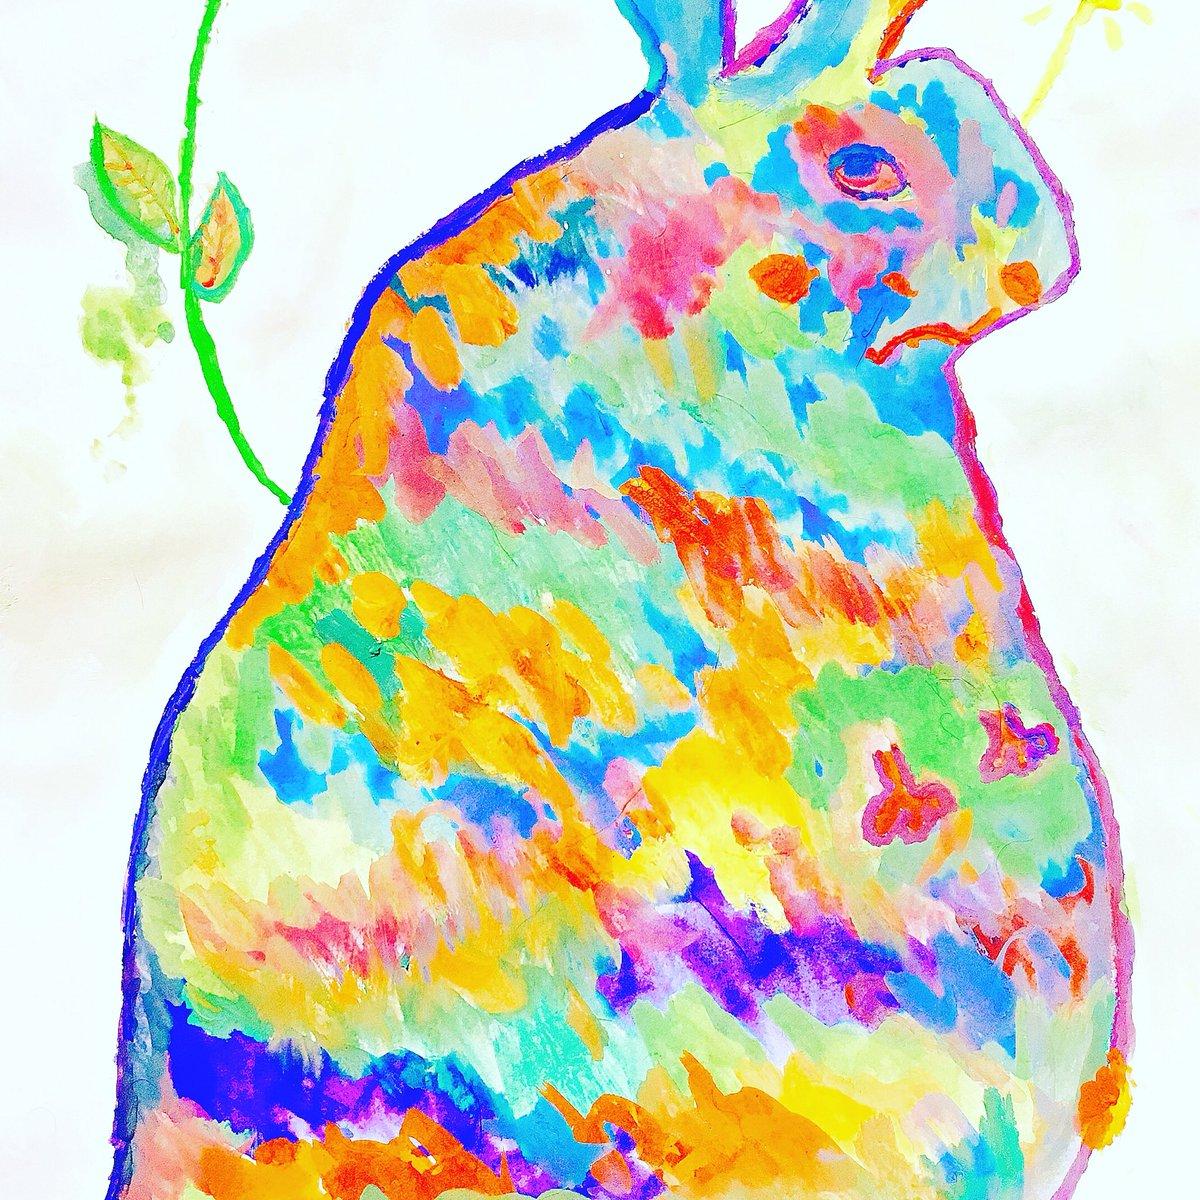 test ツイッターメディア - 100均で水彩絵具を買うことになったから全力で消費した結果  #100均 #ダイソー #DAISO #絵具 #水彩絵具 #水彩画 #ネットで見つけた絵にメンヘラ配色しただけ #お花かわいい #魔界のパンジー #作成時間はコードブルー特別編と同タイム https://t.co/GoI9aWToml